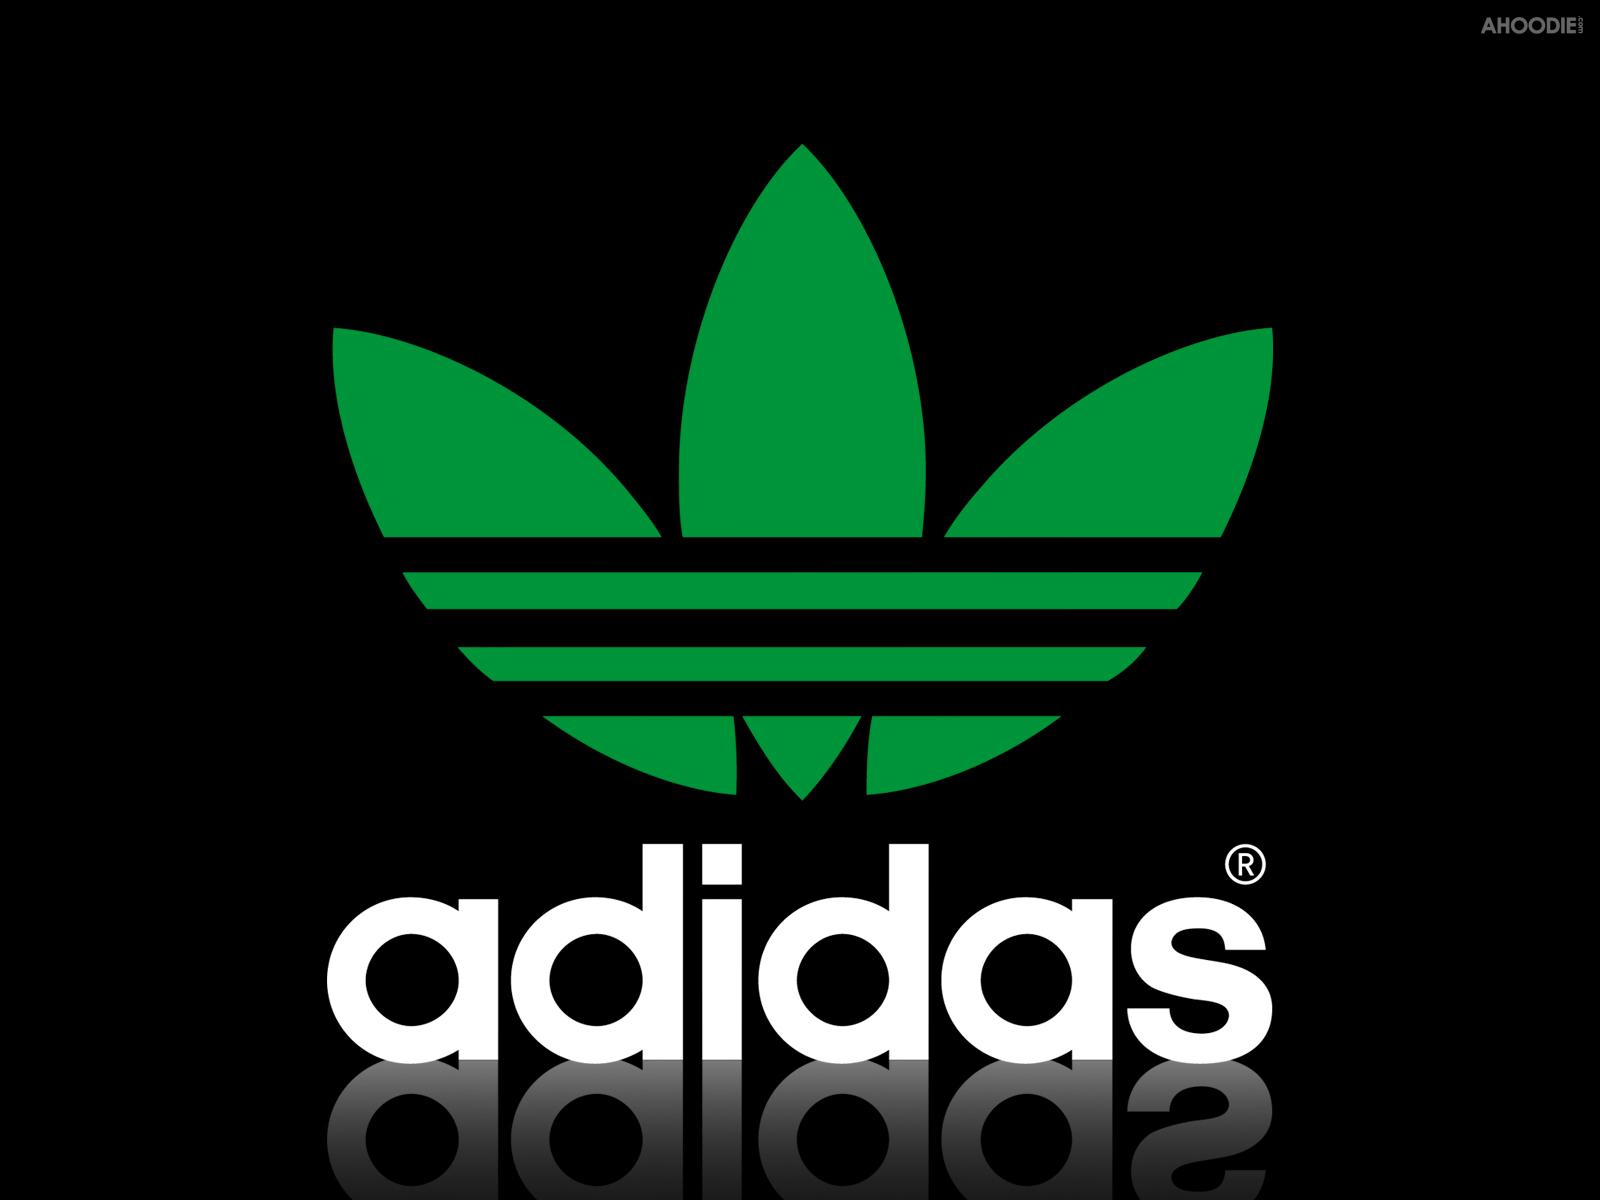 Description Adidas HD Wallpaper is a hi res Wallpaper for pc desktops 1600x1200